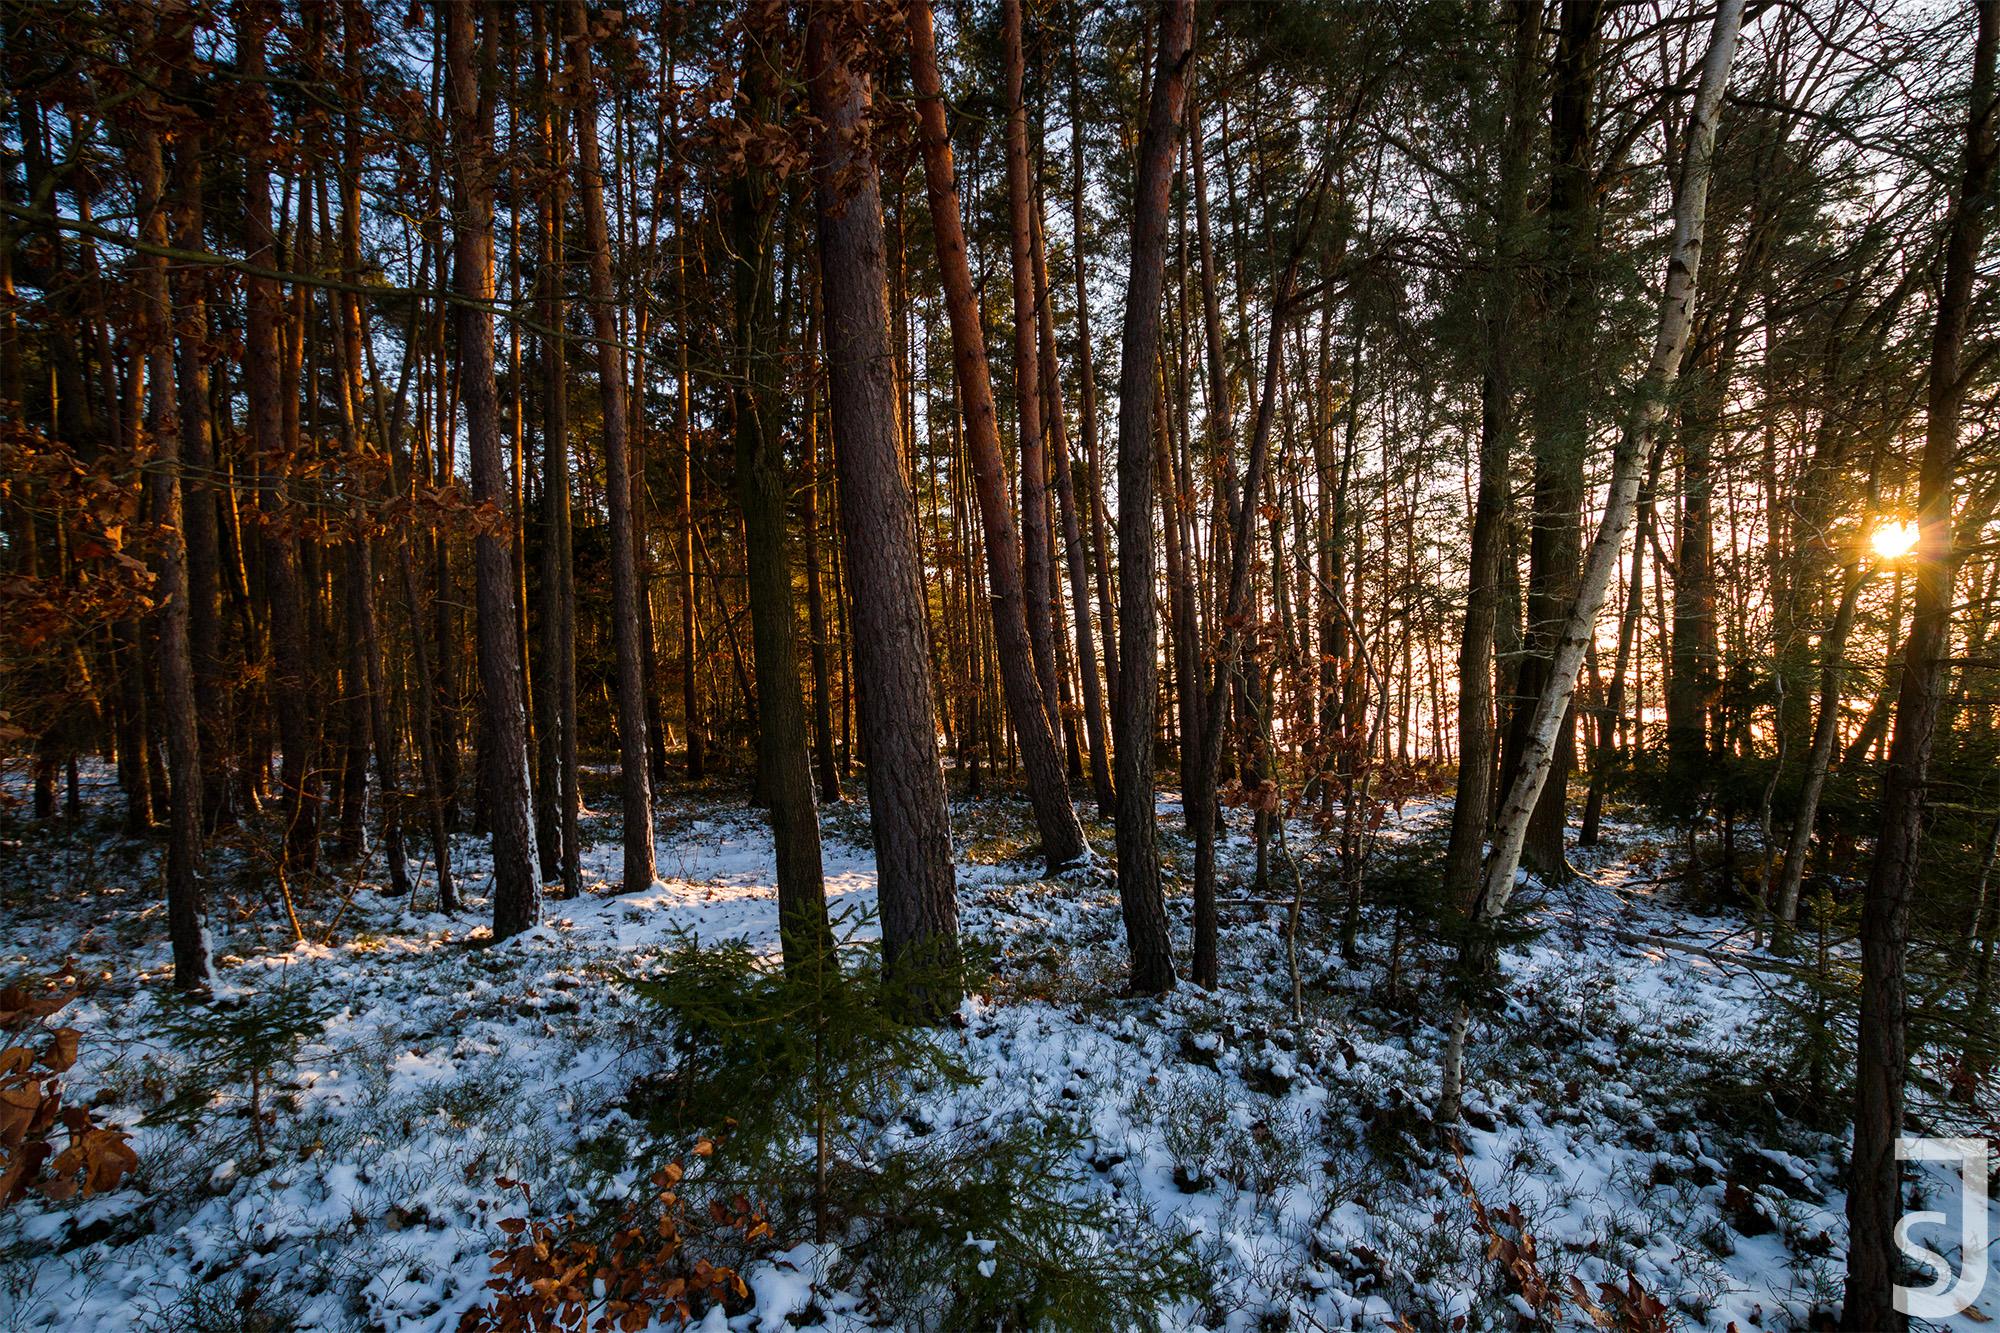 Sonnenuntergang Wald, Salzforst, Unterfranken